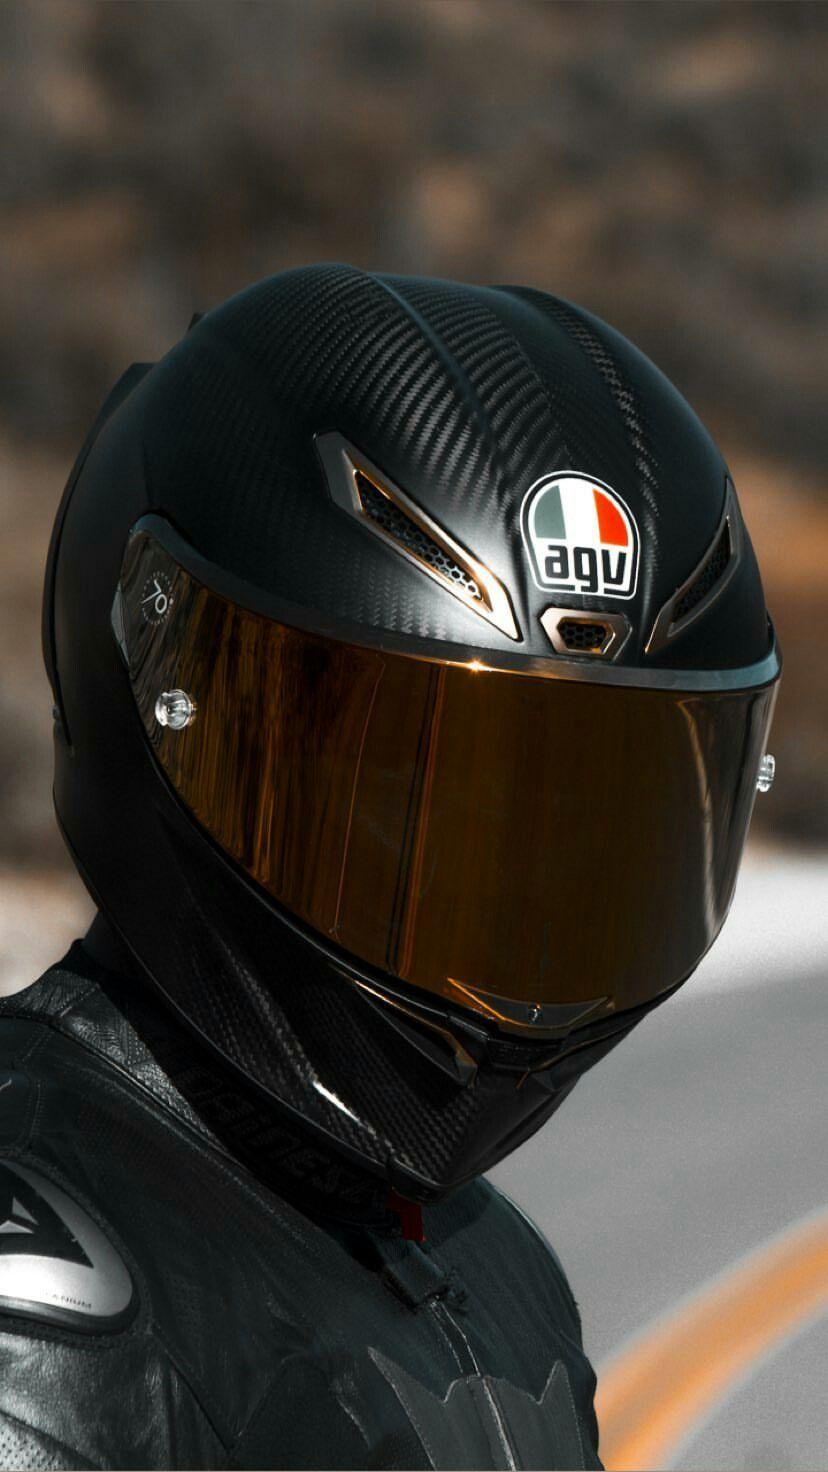 Pin en Cascos, Motos y accesorios para motos